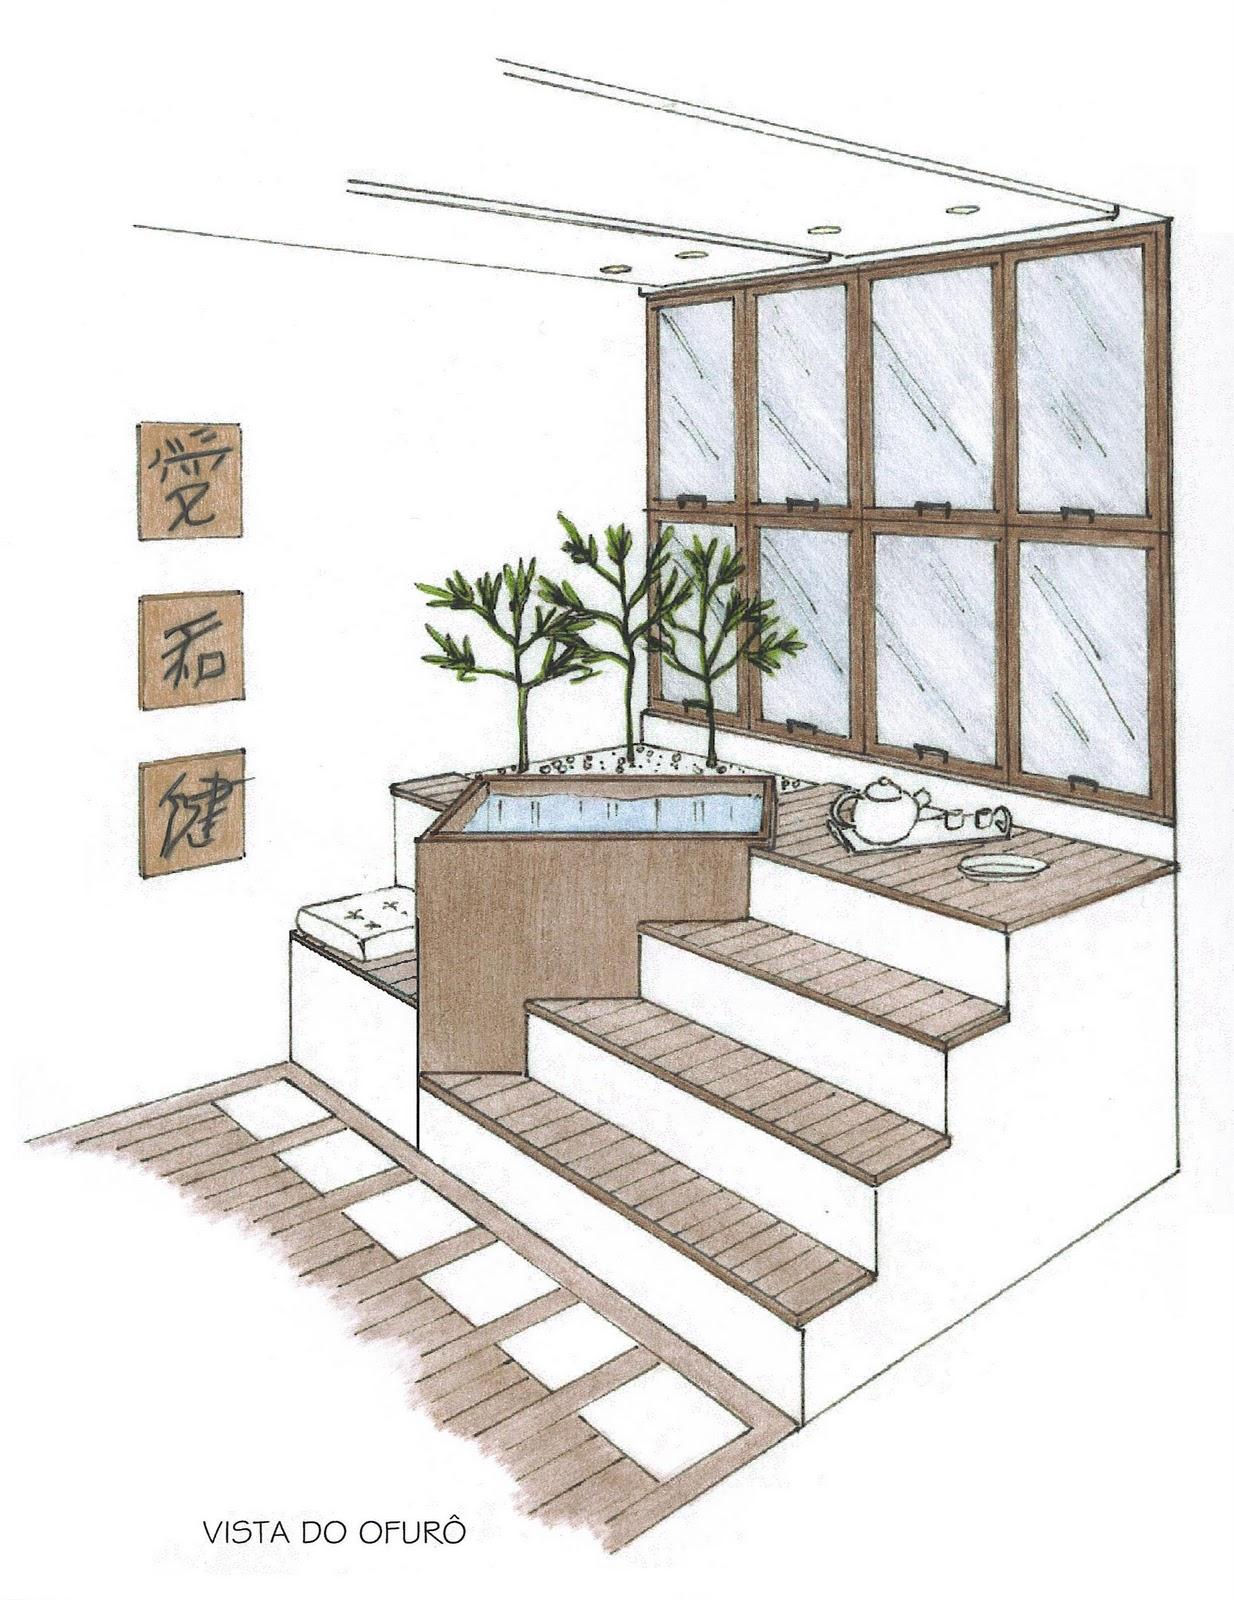 por Larissa Schirmanoff design de interiores: Banheiro Chinês #7B6450 1234x1600 Banheiro Chines